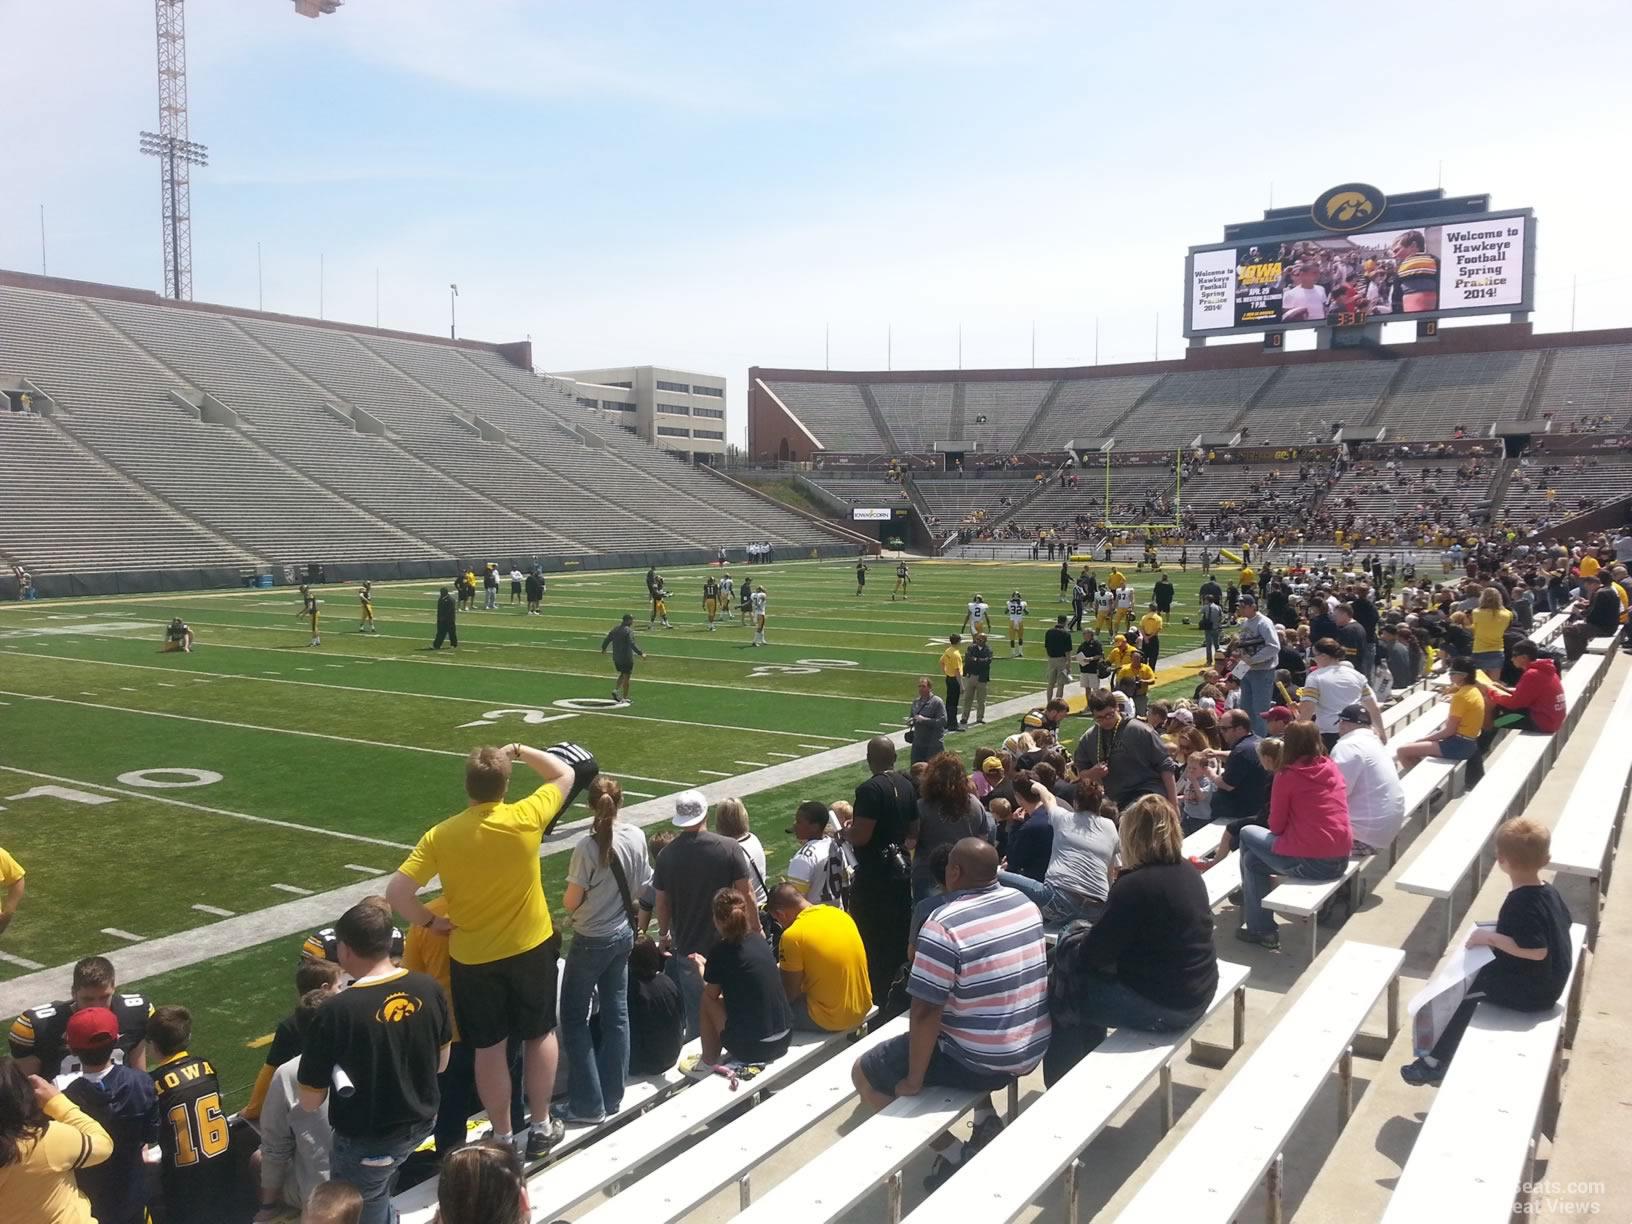 Kinnick stadium section 130